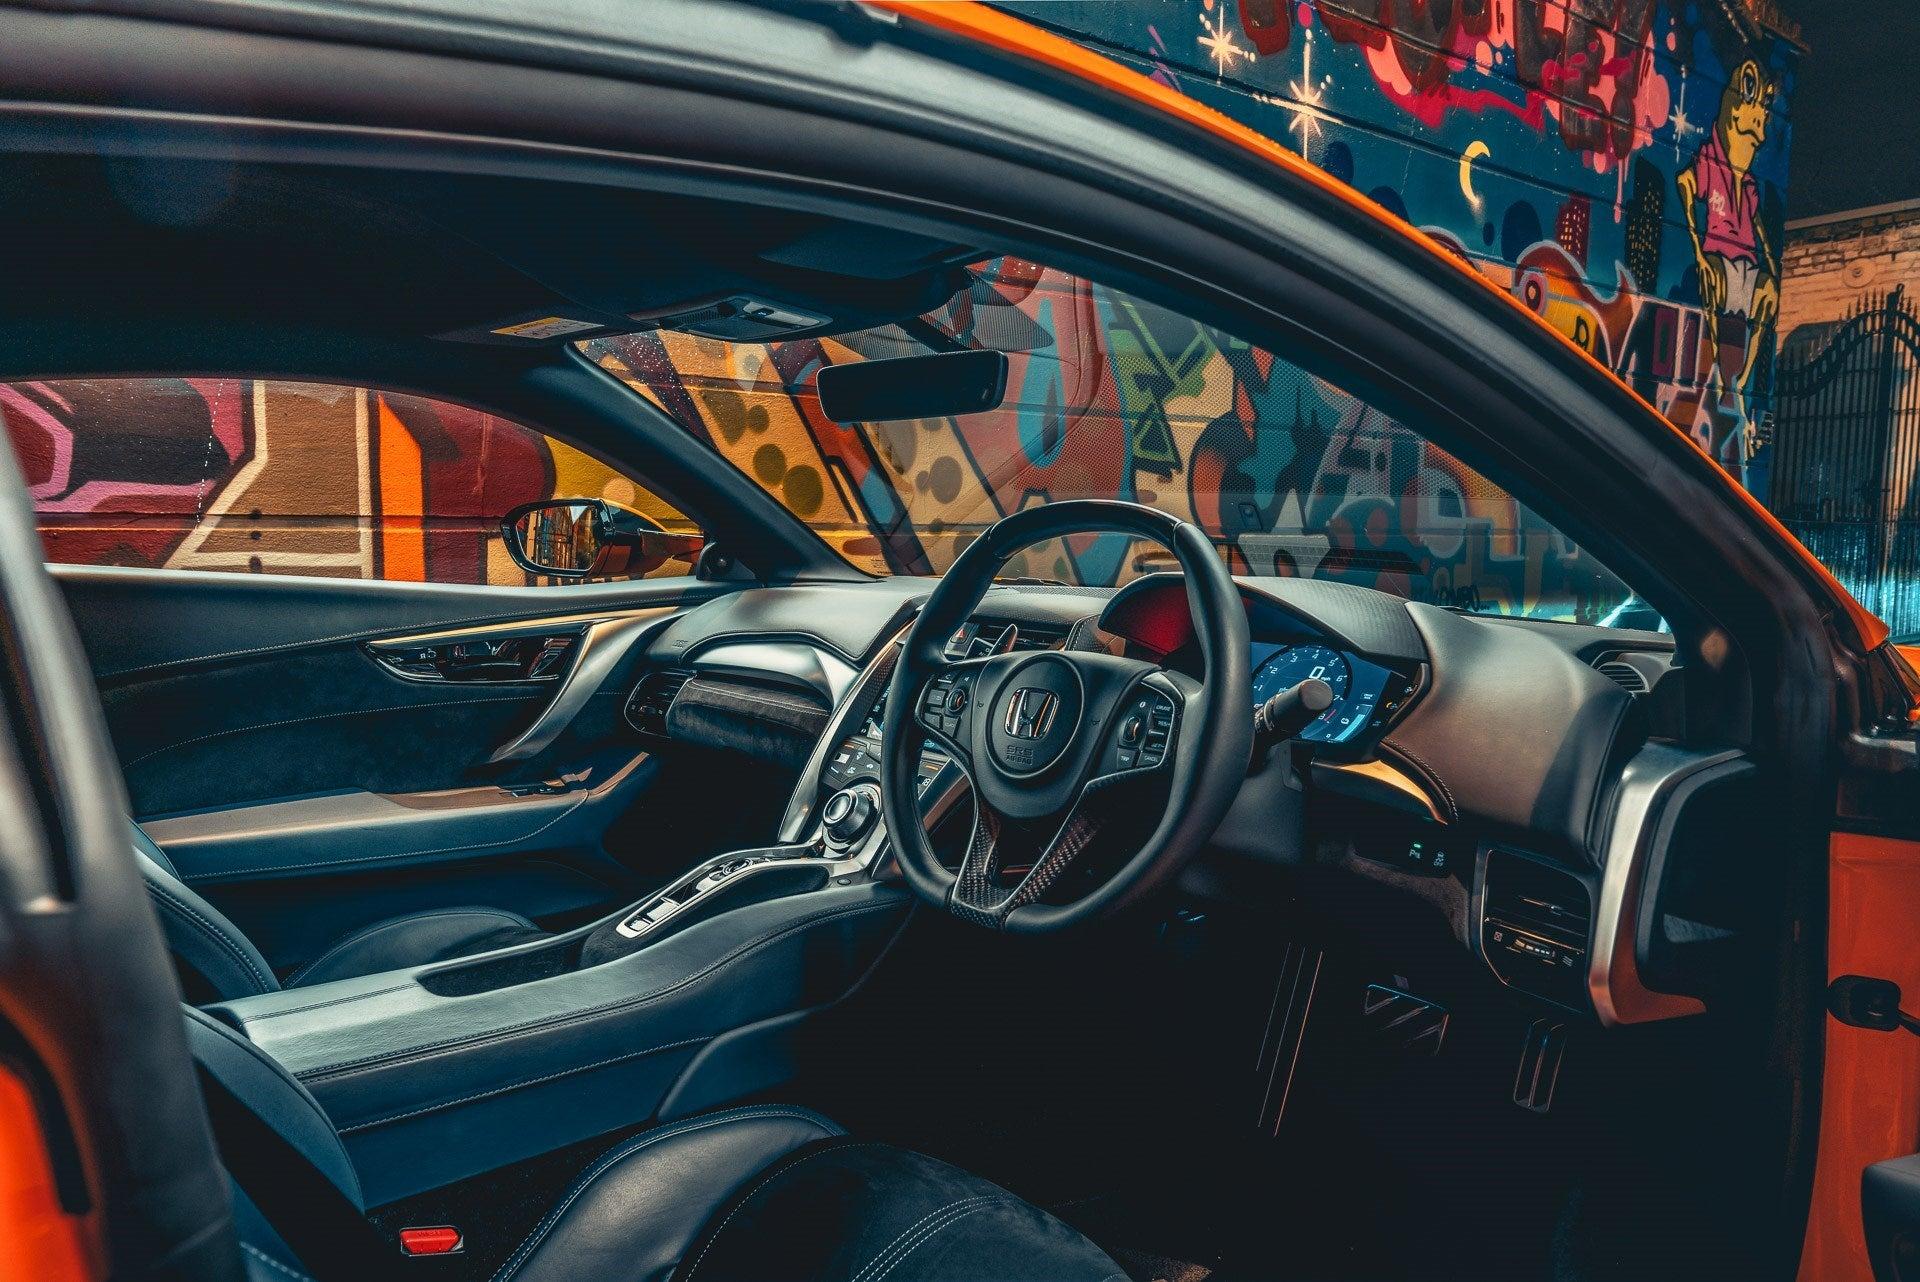 Honda NSX frontright interior